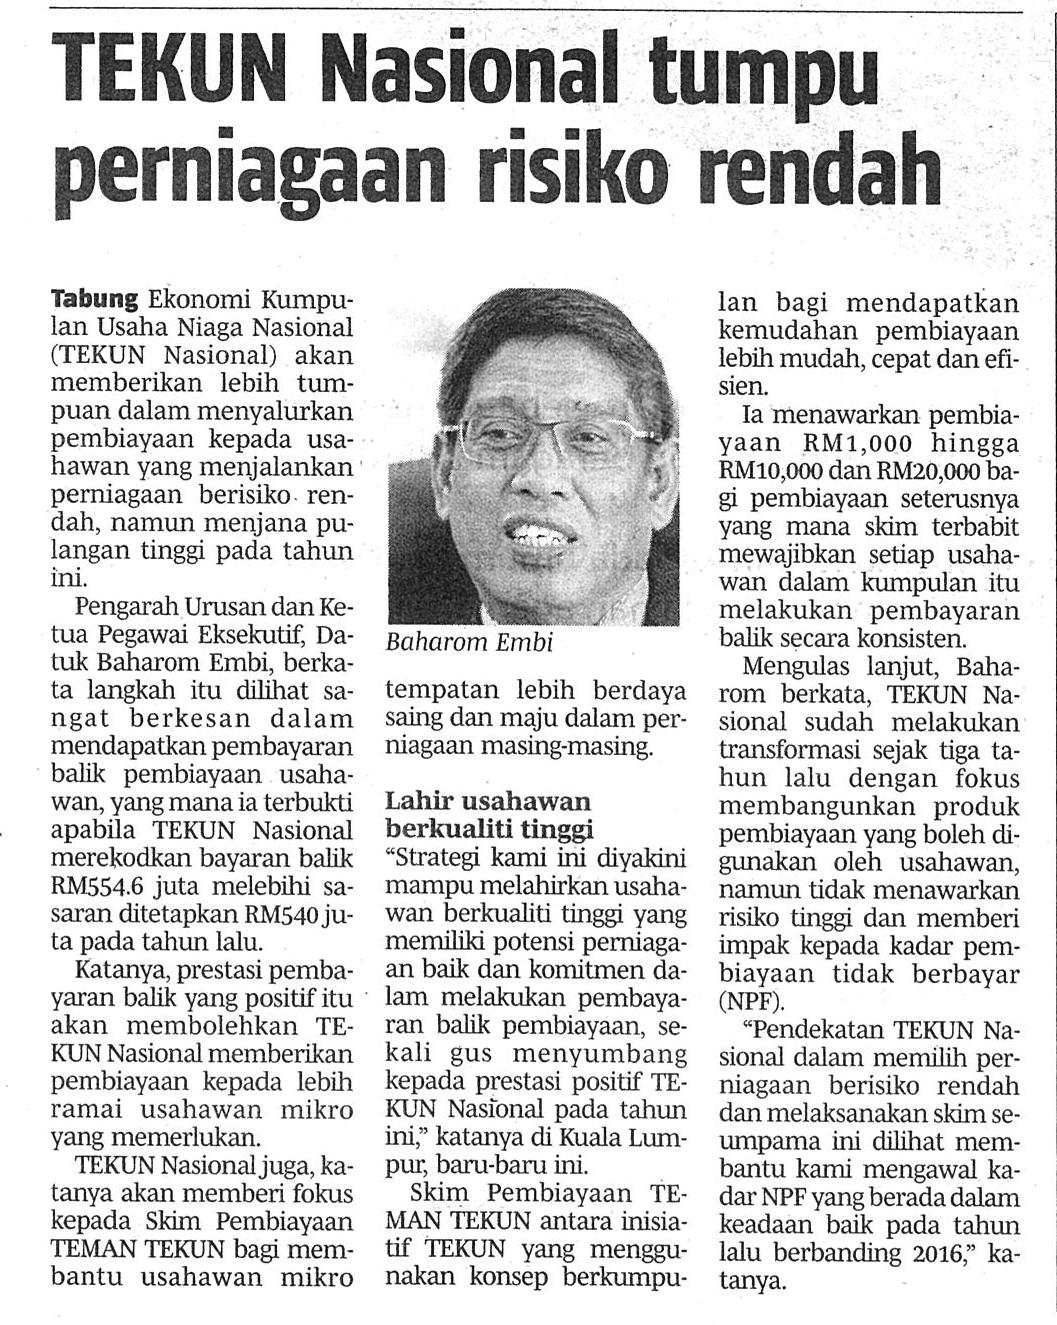 Sistem perdagangan risiko rendah